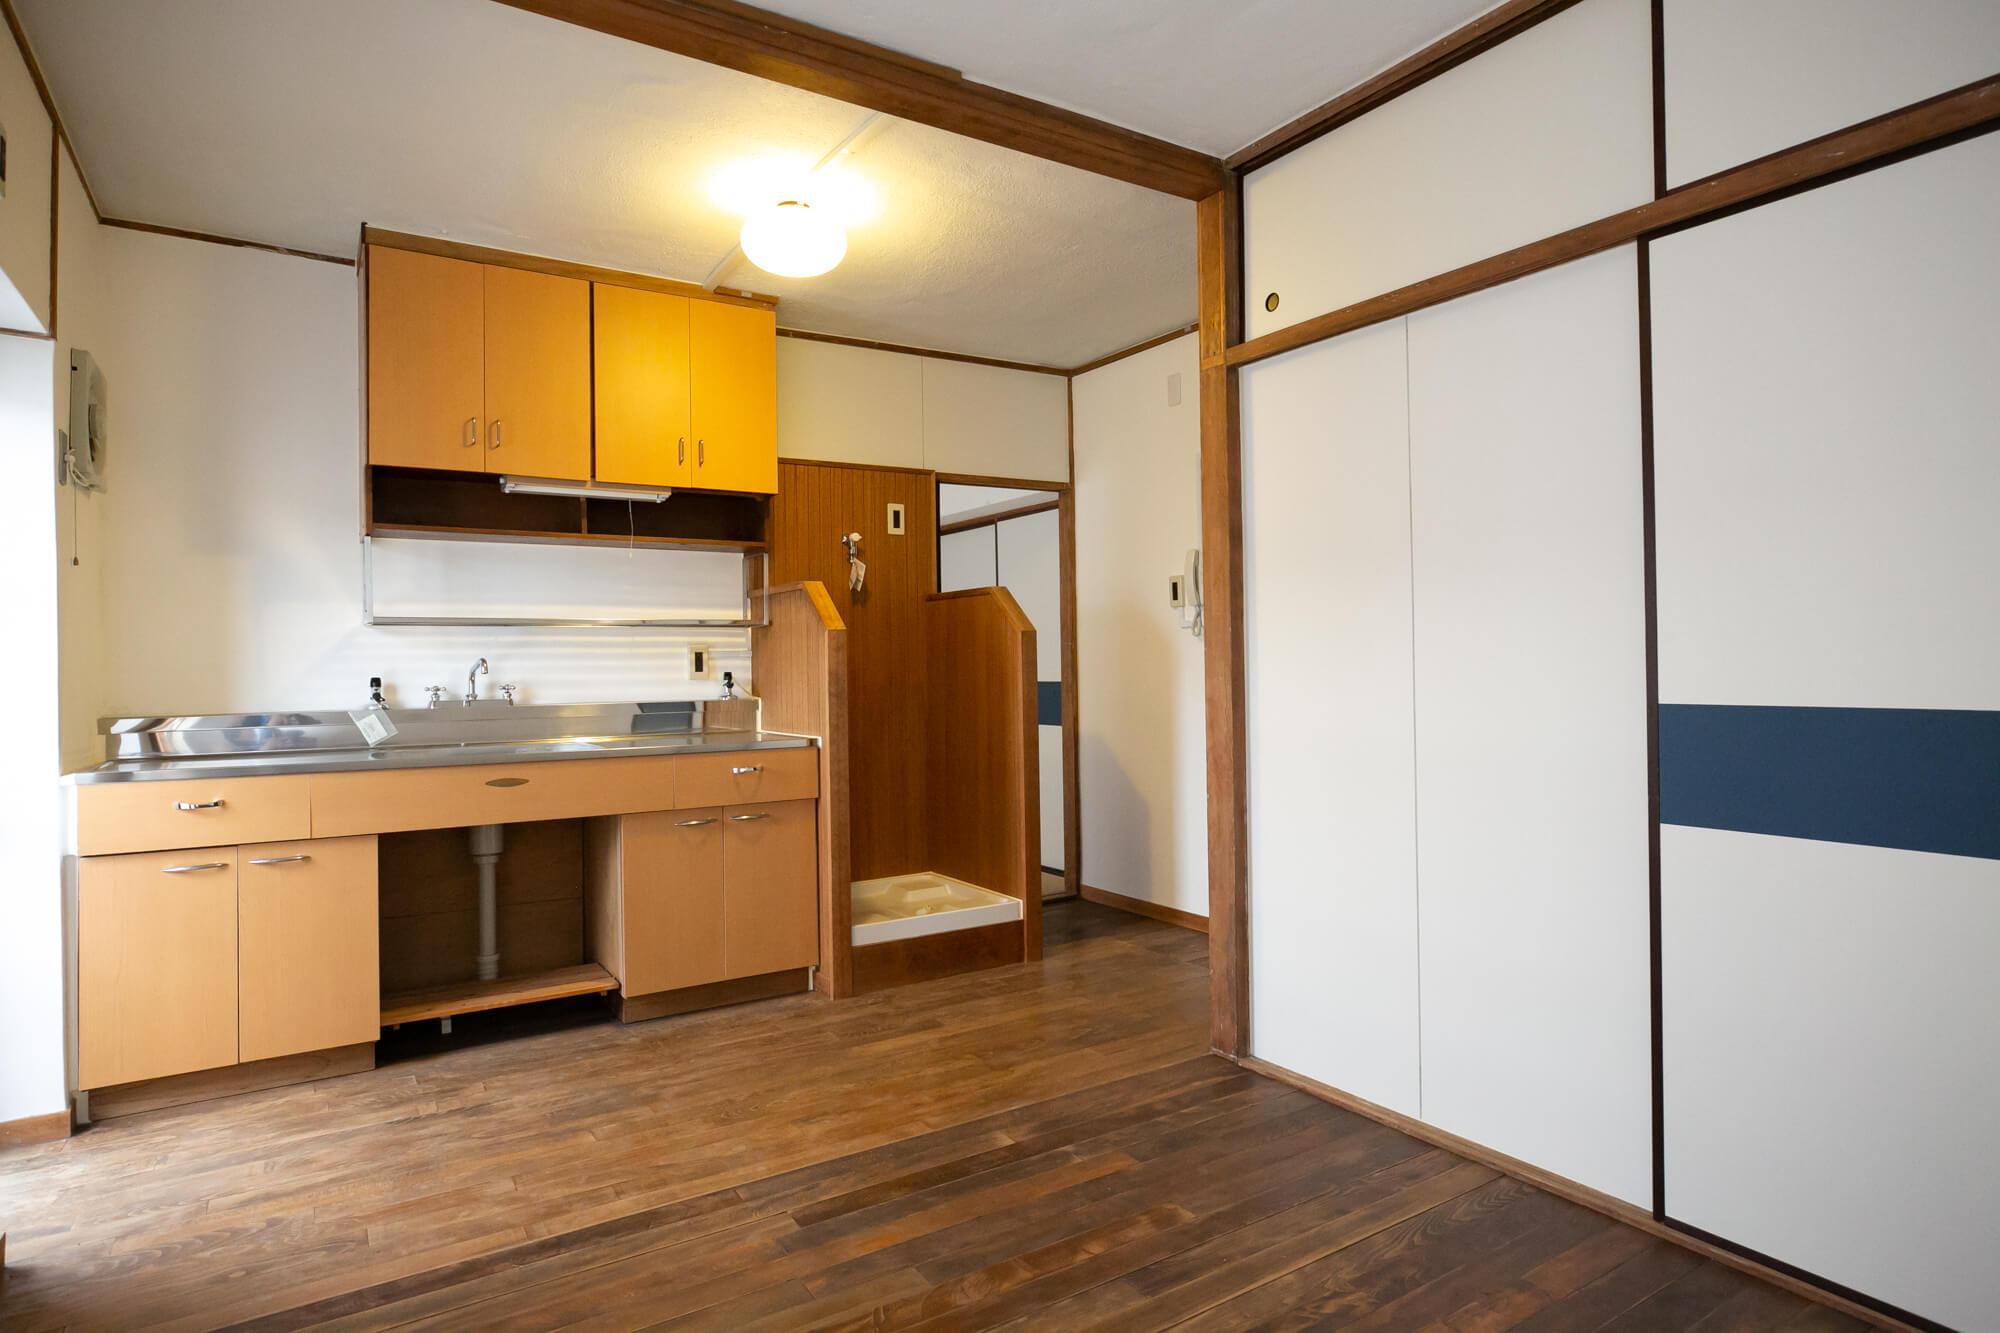 こちらがそのお部屋。建設当時(昭和38年ごろ)に使われていた、木製の建具やキッチンを再利用しています。床材はブナの無垢材なんだとか。